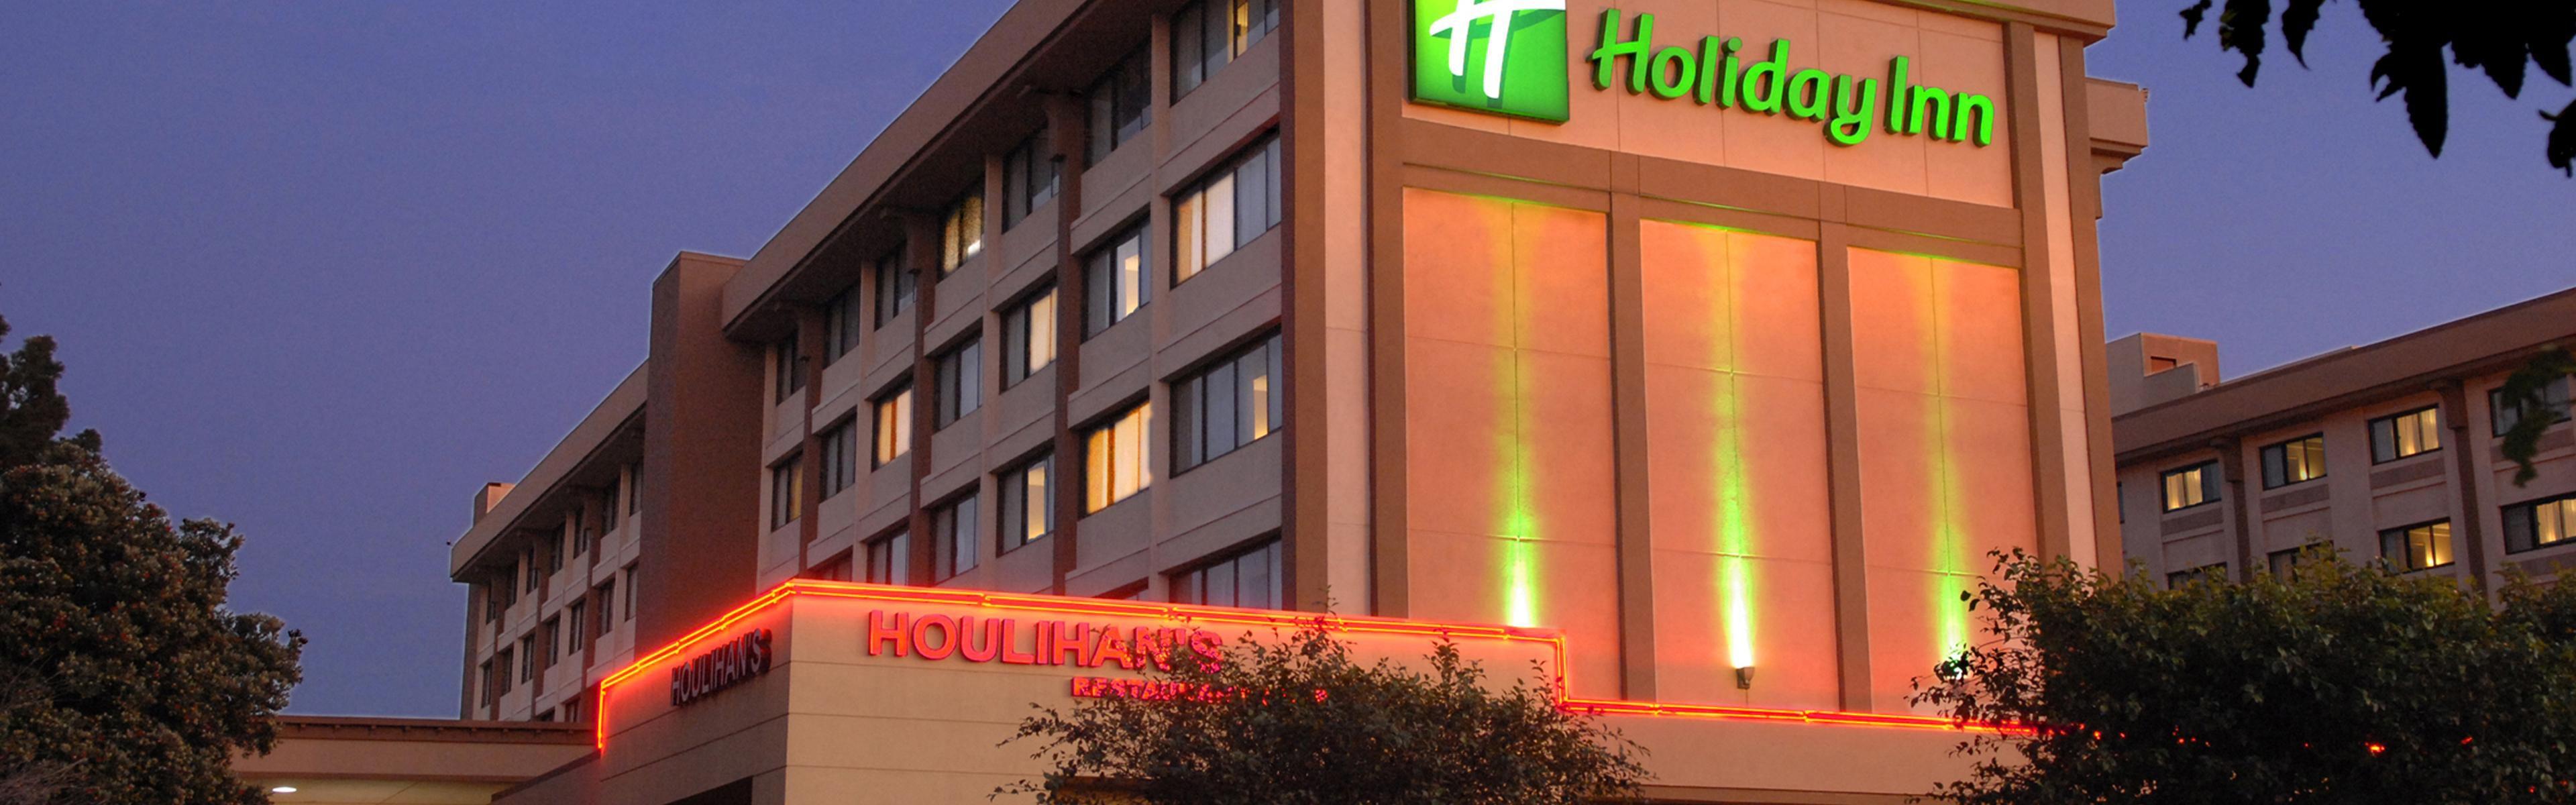 Holiday Inn San Francisco Airport image 0